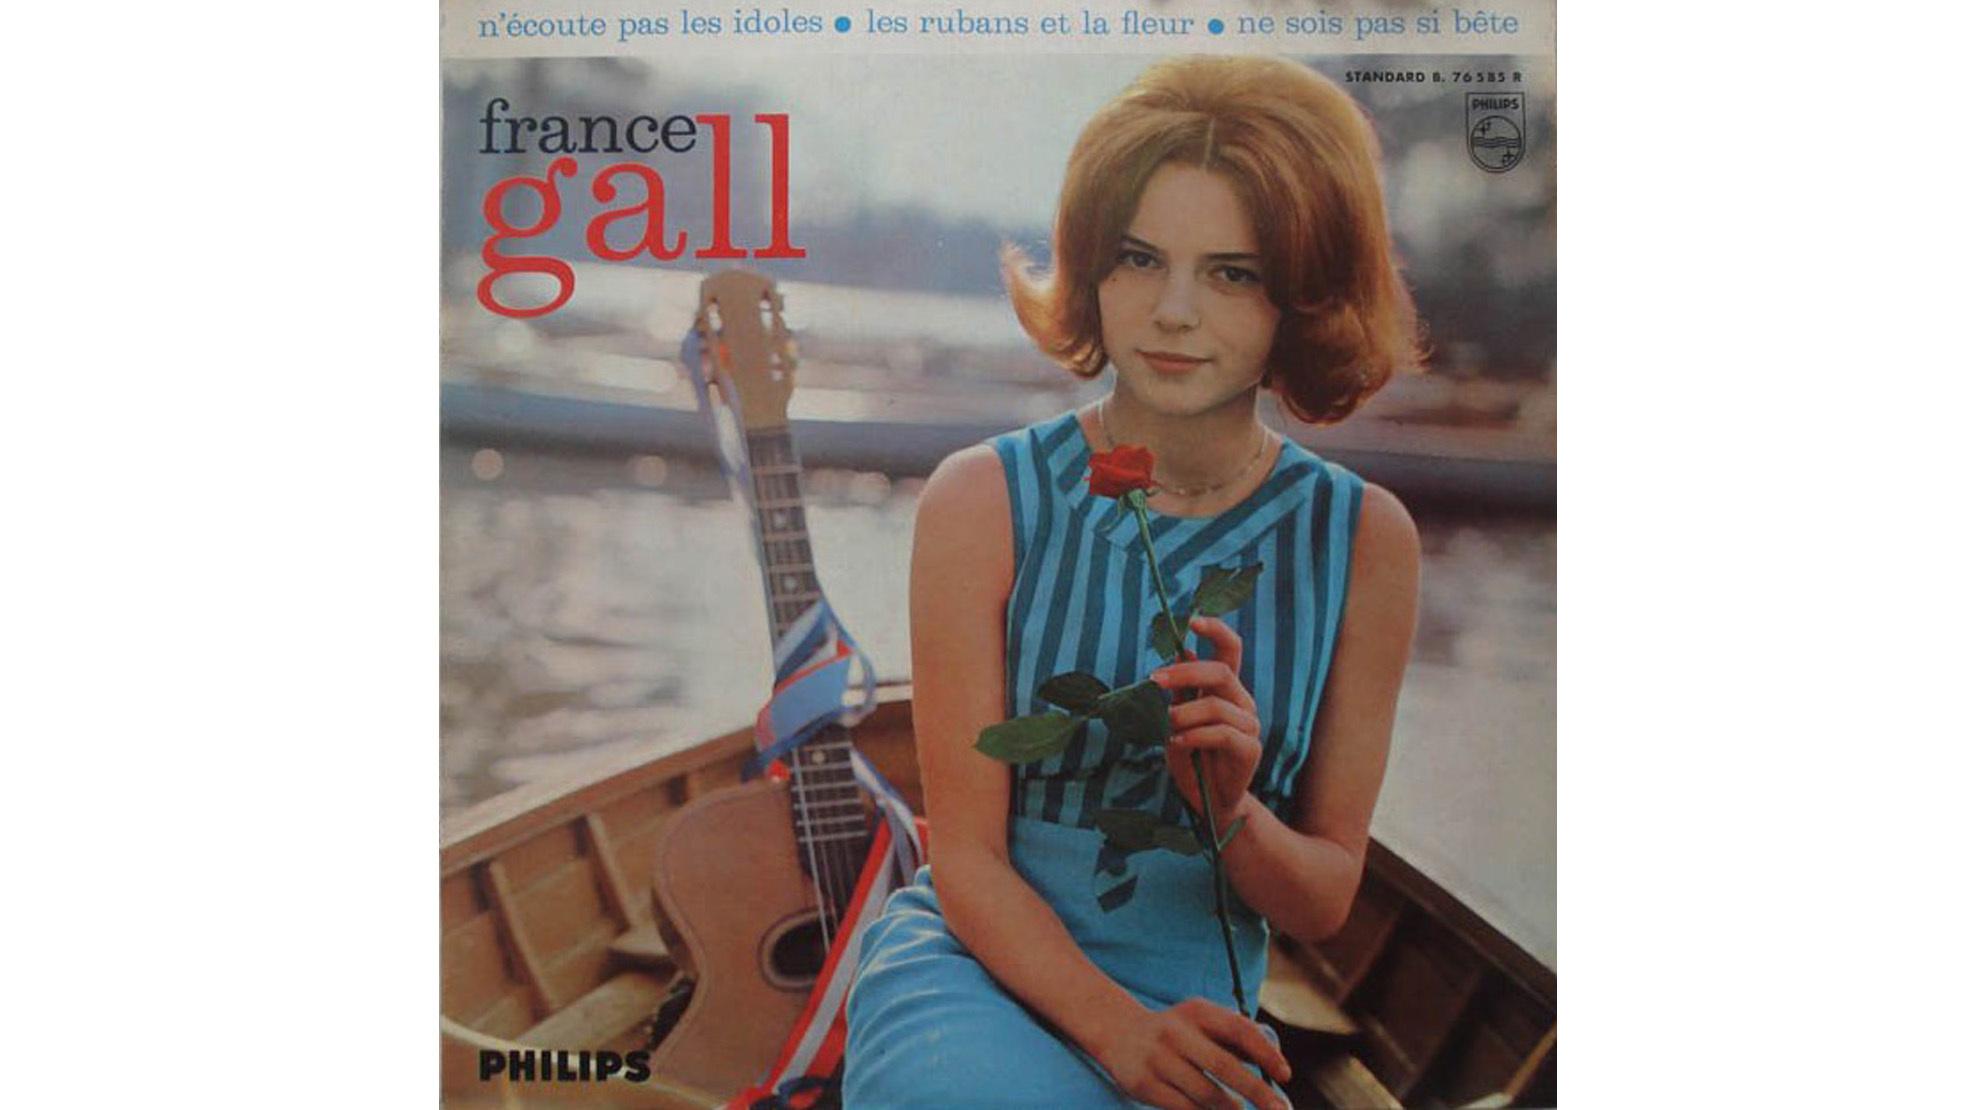 Pochette France Gall dossier